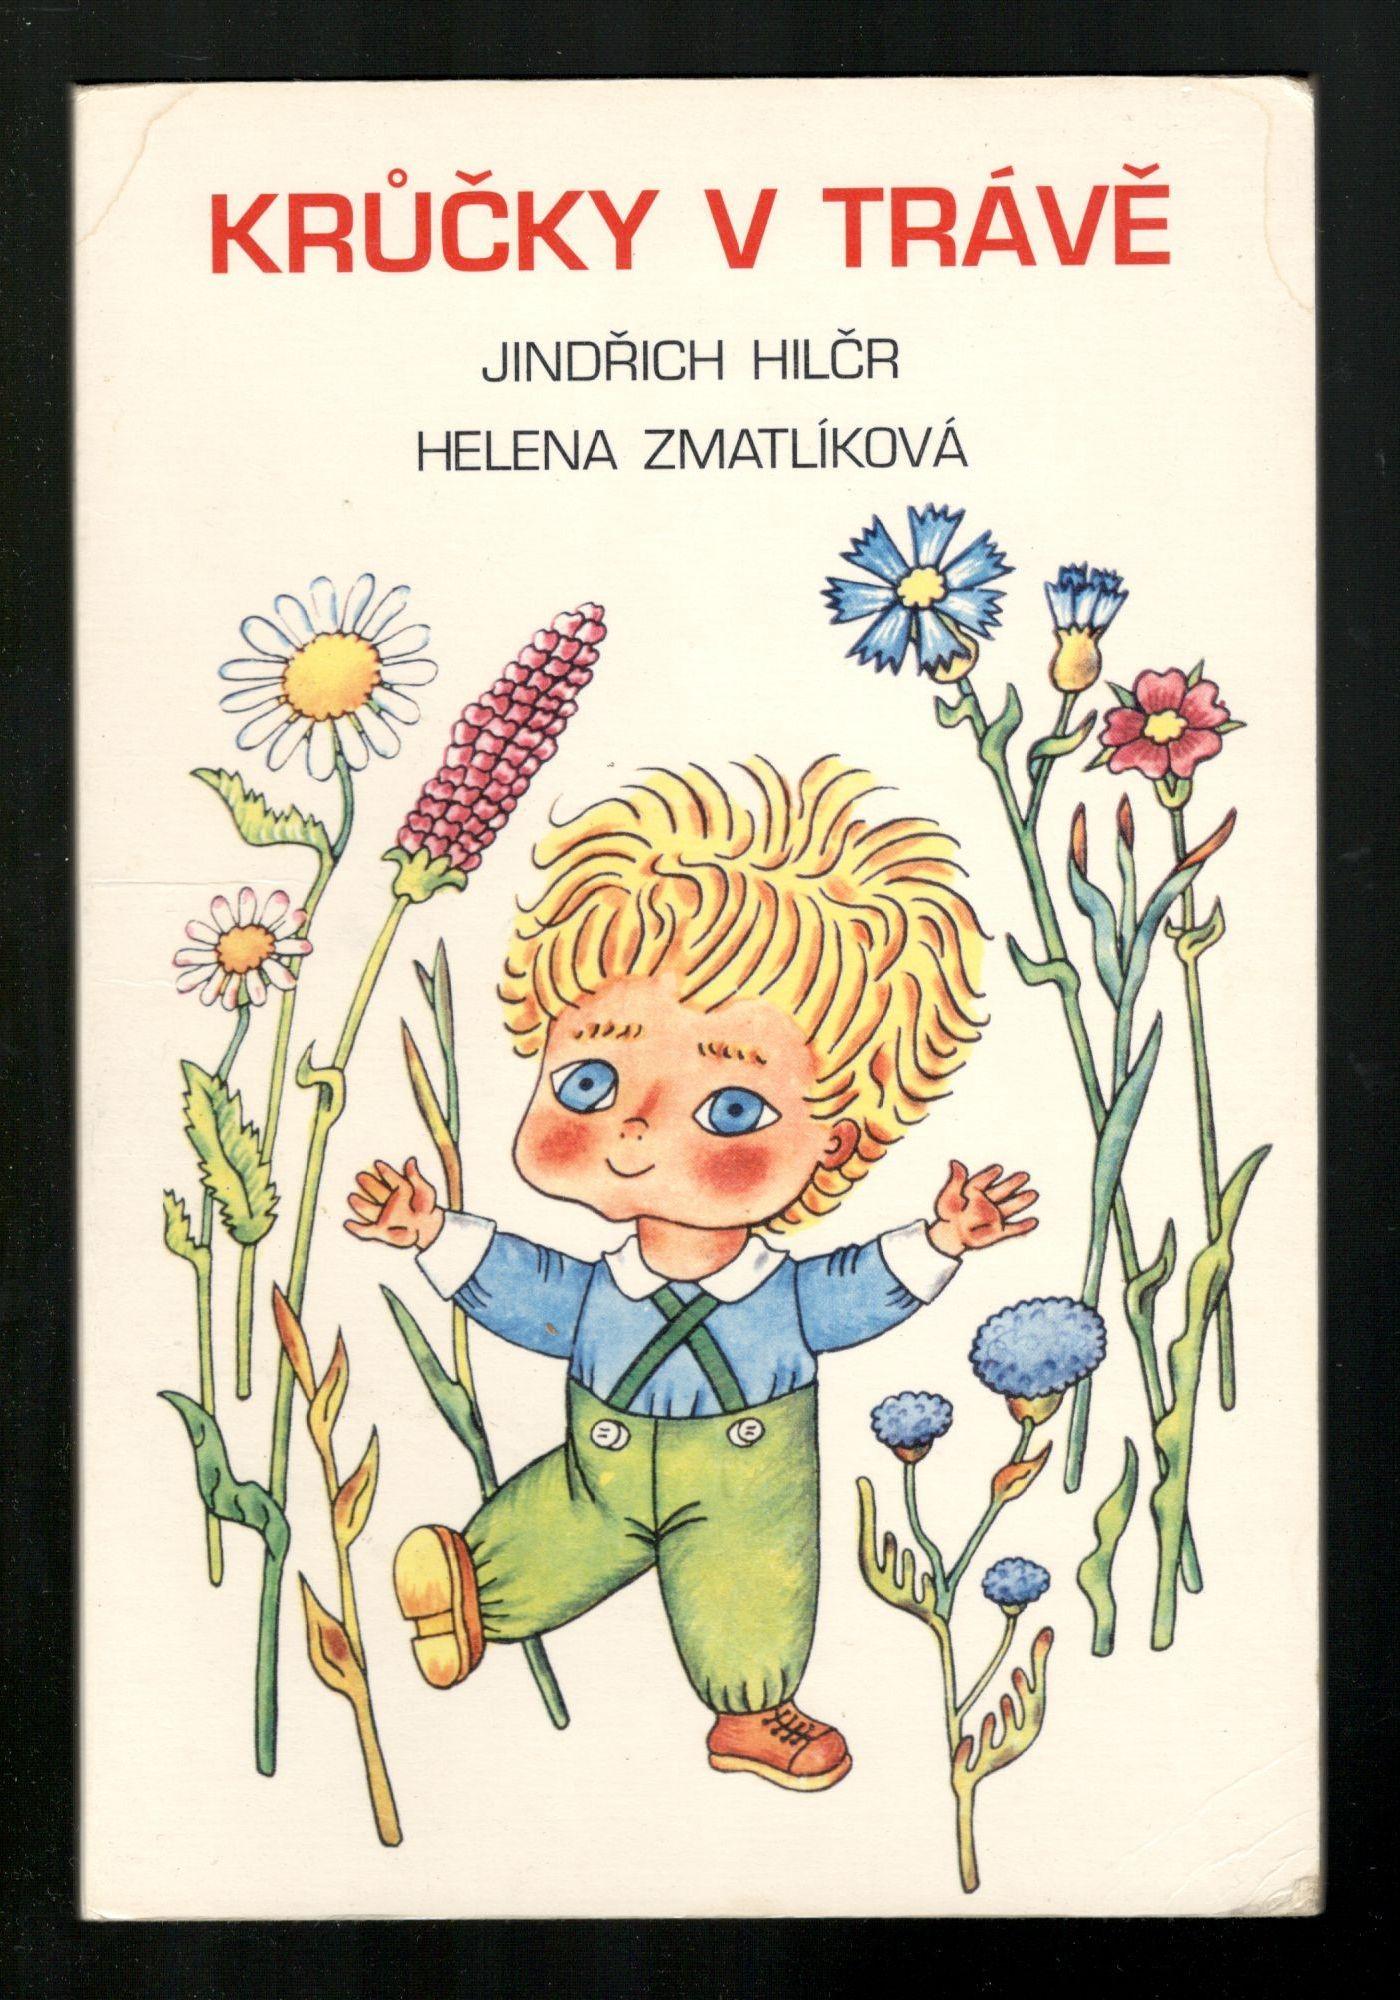 Krůčky v trávě - Jindřich Hilčr, Helena Zmatlíková (leporelo)